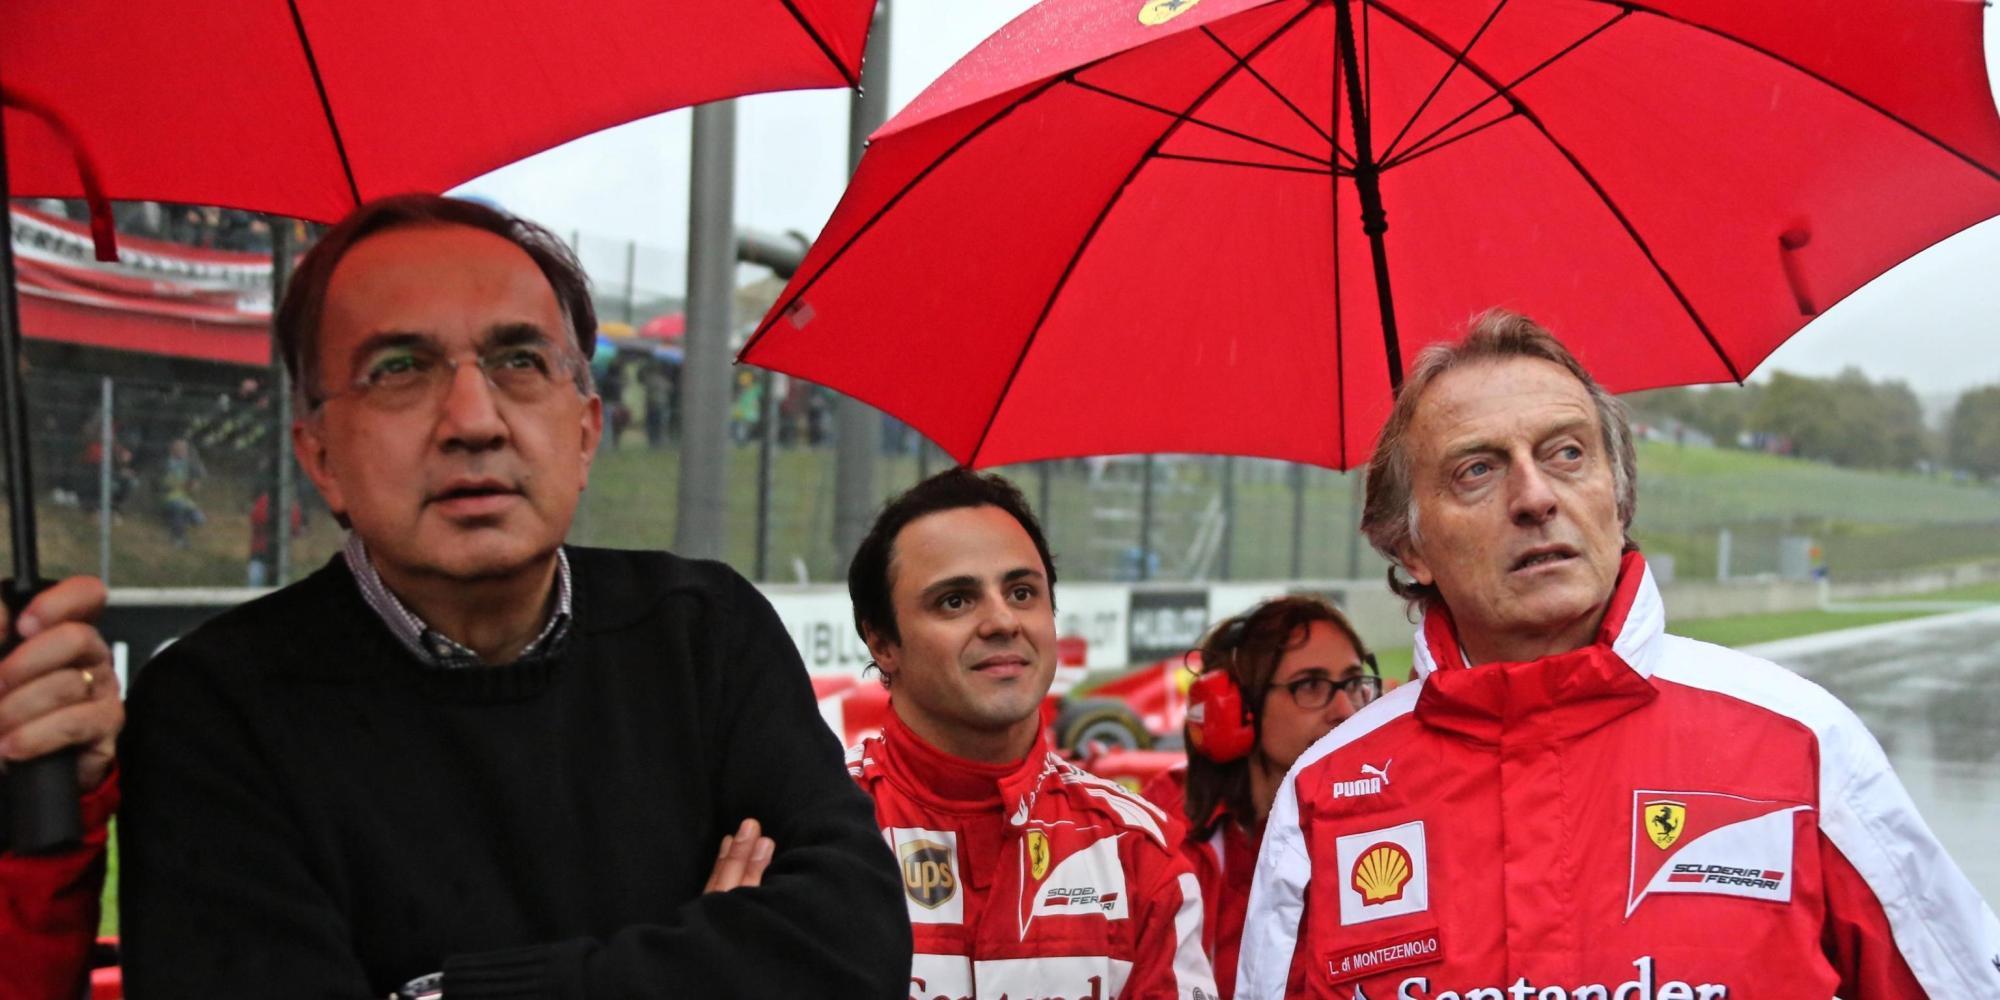 Divorzio Ferrari e montezemolo. Marchionne presidente,  il titolo vola in borsa